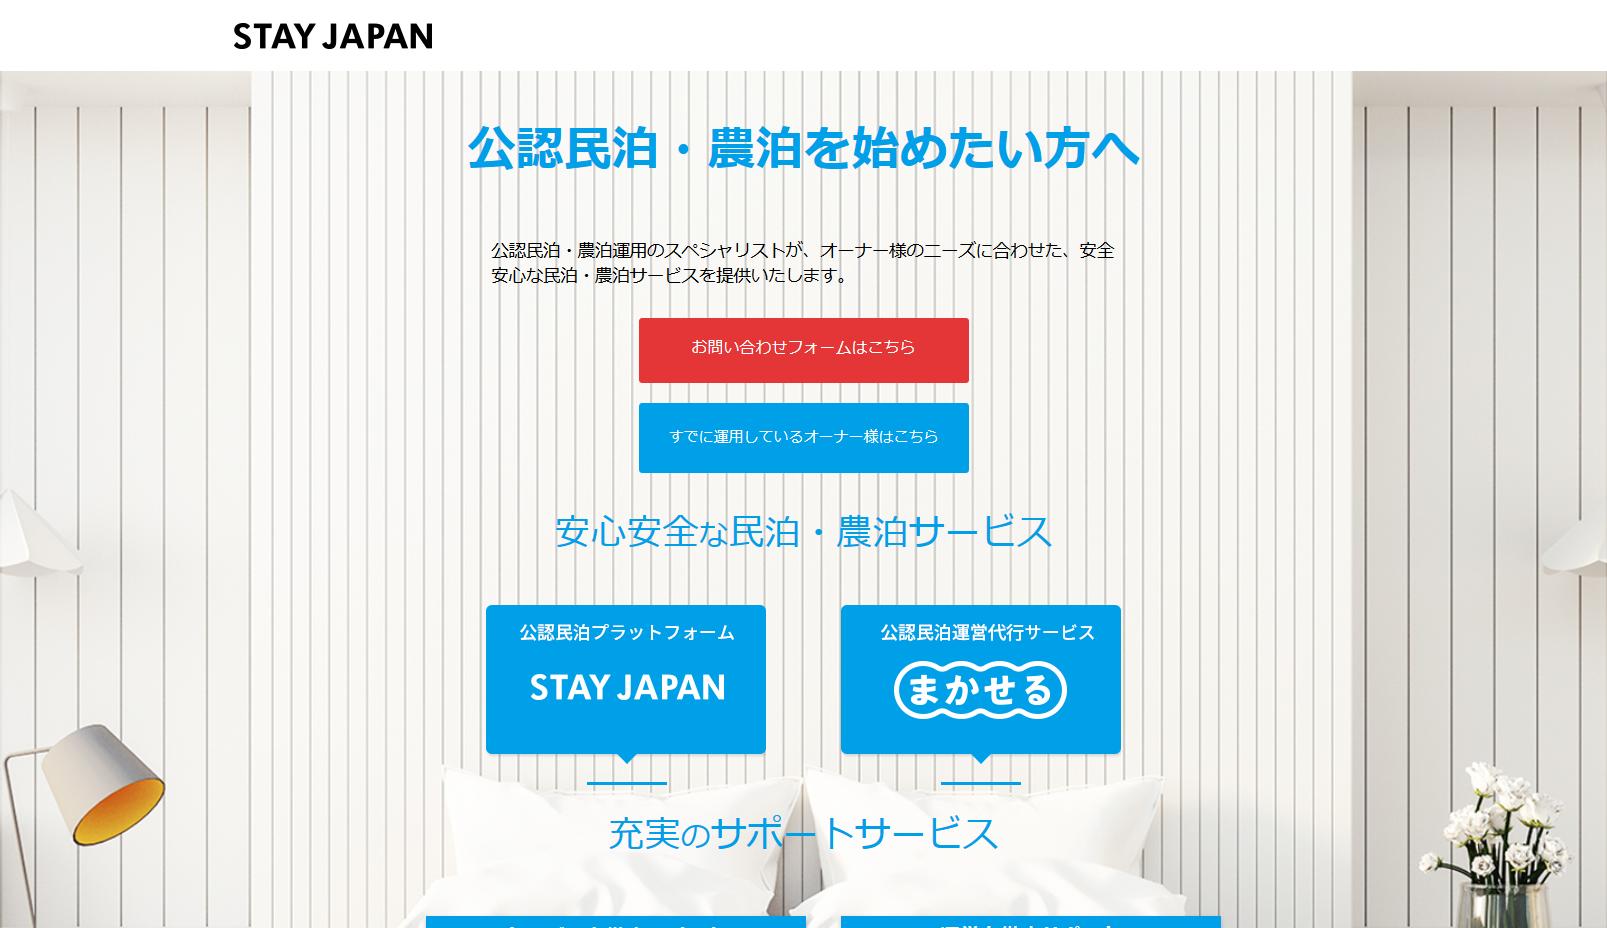 STAY JAPAN – 公認民泊を始めたいオーナーへ